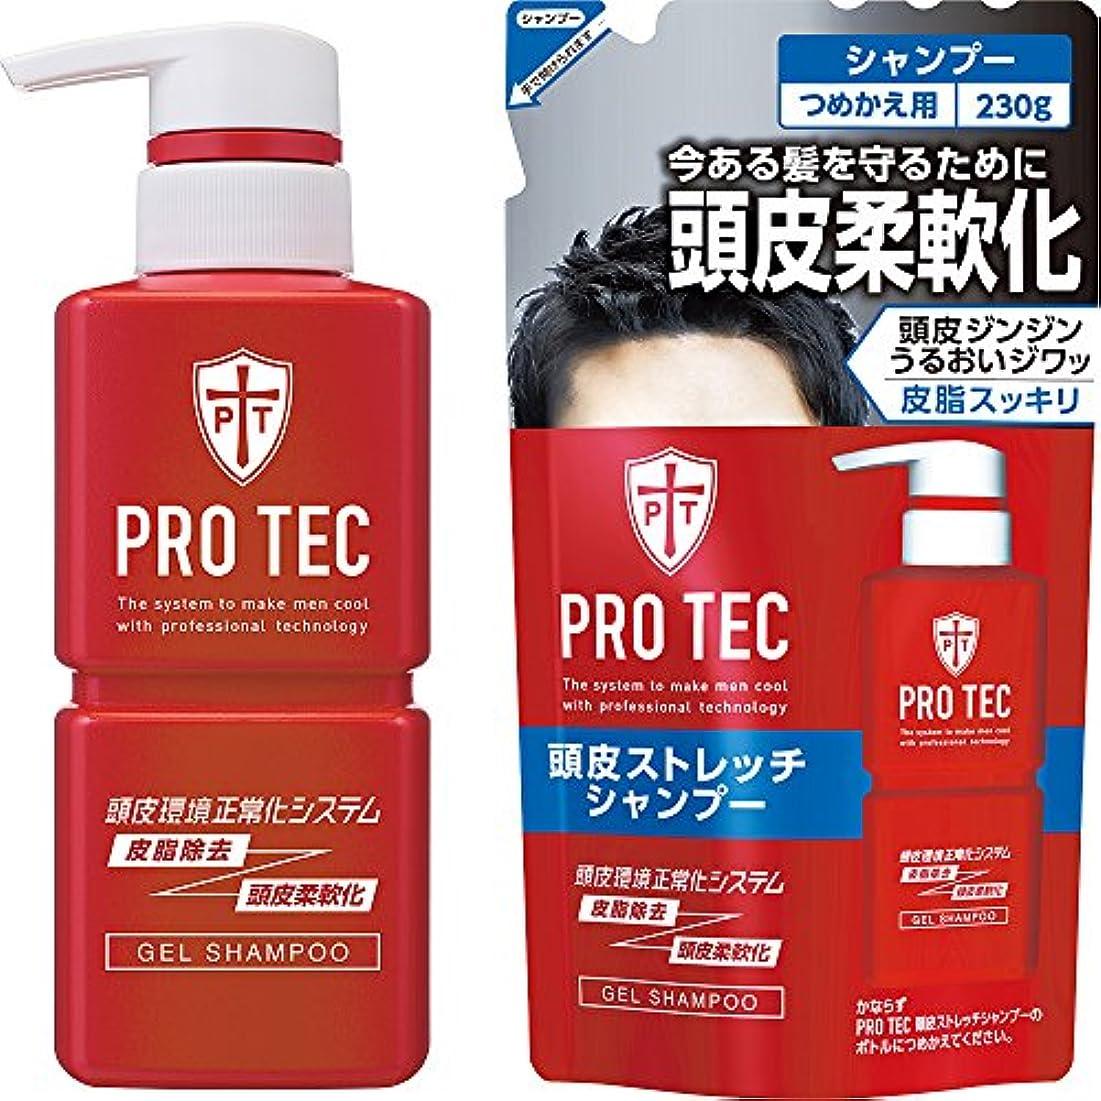 わかりやすい克服する変位PRO TEC(プロテク) 頭皮ストレッチシャンプー 本体ポンプ300g+詰め替え230g セット(医薬部外品)